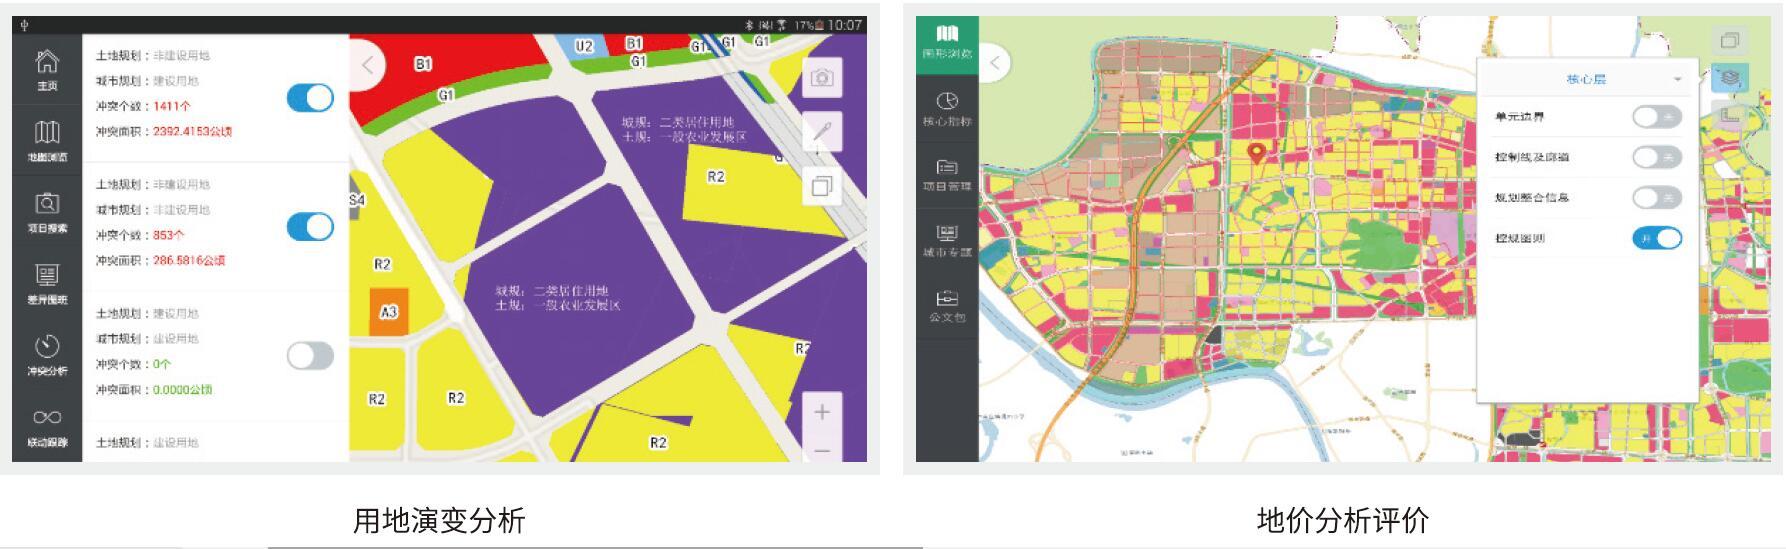 武大十博国土空间规划监测评估预警管理系统十博最佳体育平台-网站版图-10